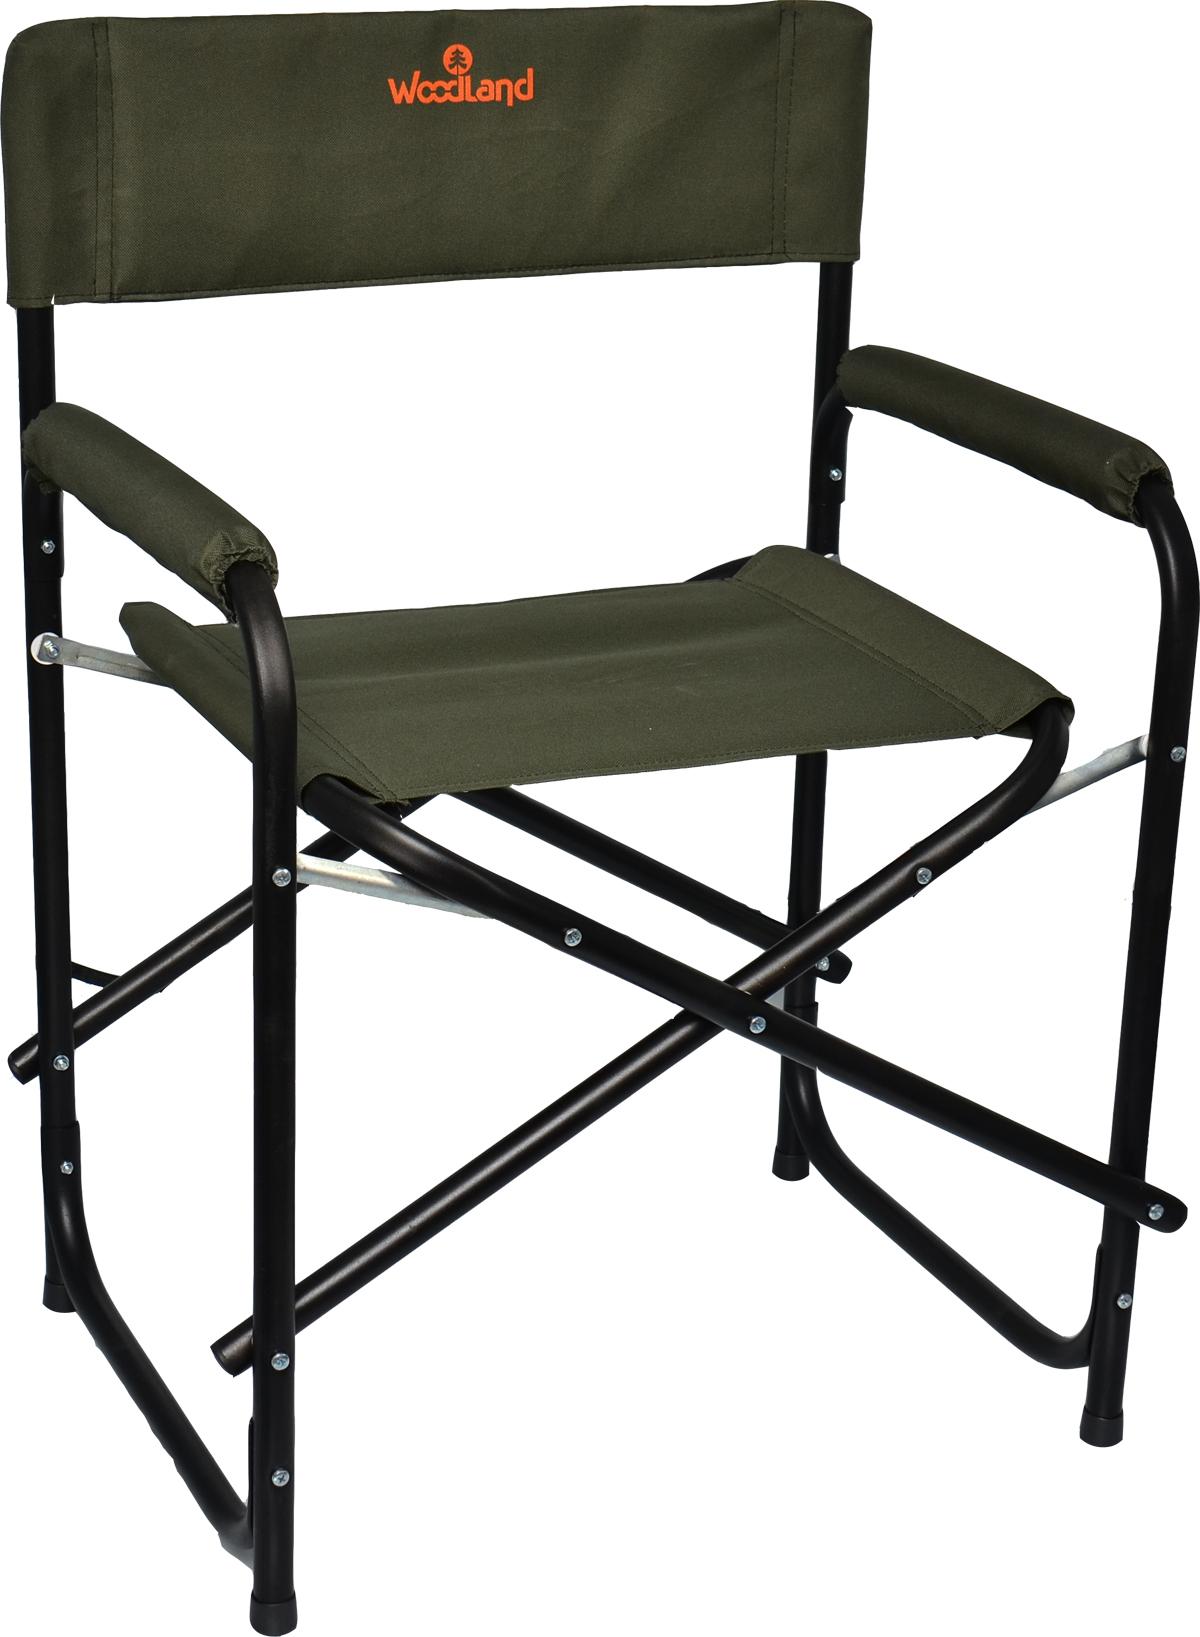 Кресло Woodland Outdoor, складное, кемпинговое, Стулья, кресла<br>МОДЕЛЬ: OUTDOOR МАТЕРИАЛЫ: Сталь ? 22 мм. Oxford <br>600D РАЗМЕР: 56 х 57 х 50 (81) см. ВЕС: 4,9 кг. Усиленная <br>конструкция каркаса. Усилены соединительные <br>элементы. Компактная складная конструкция. <br>Прочный стальной каркас, диаметром 22 мм, <br>с покрытием. Водоотталкивающее ПВХ покрытие <br>ткани Oxford 600D. Максимально допустимая нагрузка <br>120 кг.<br>